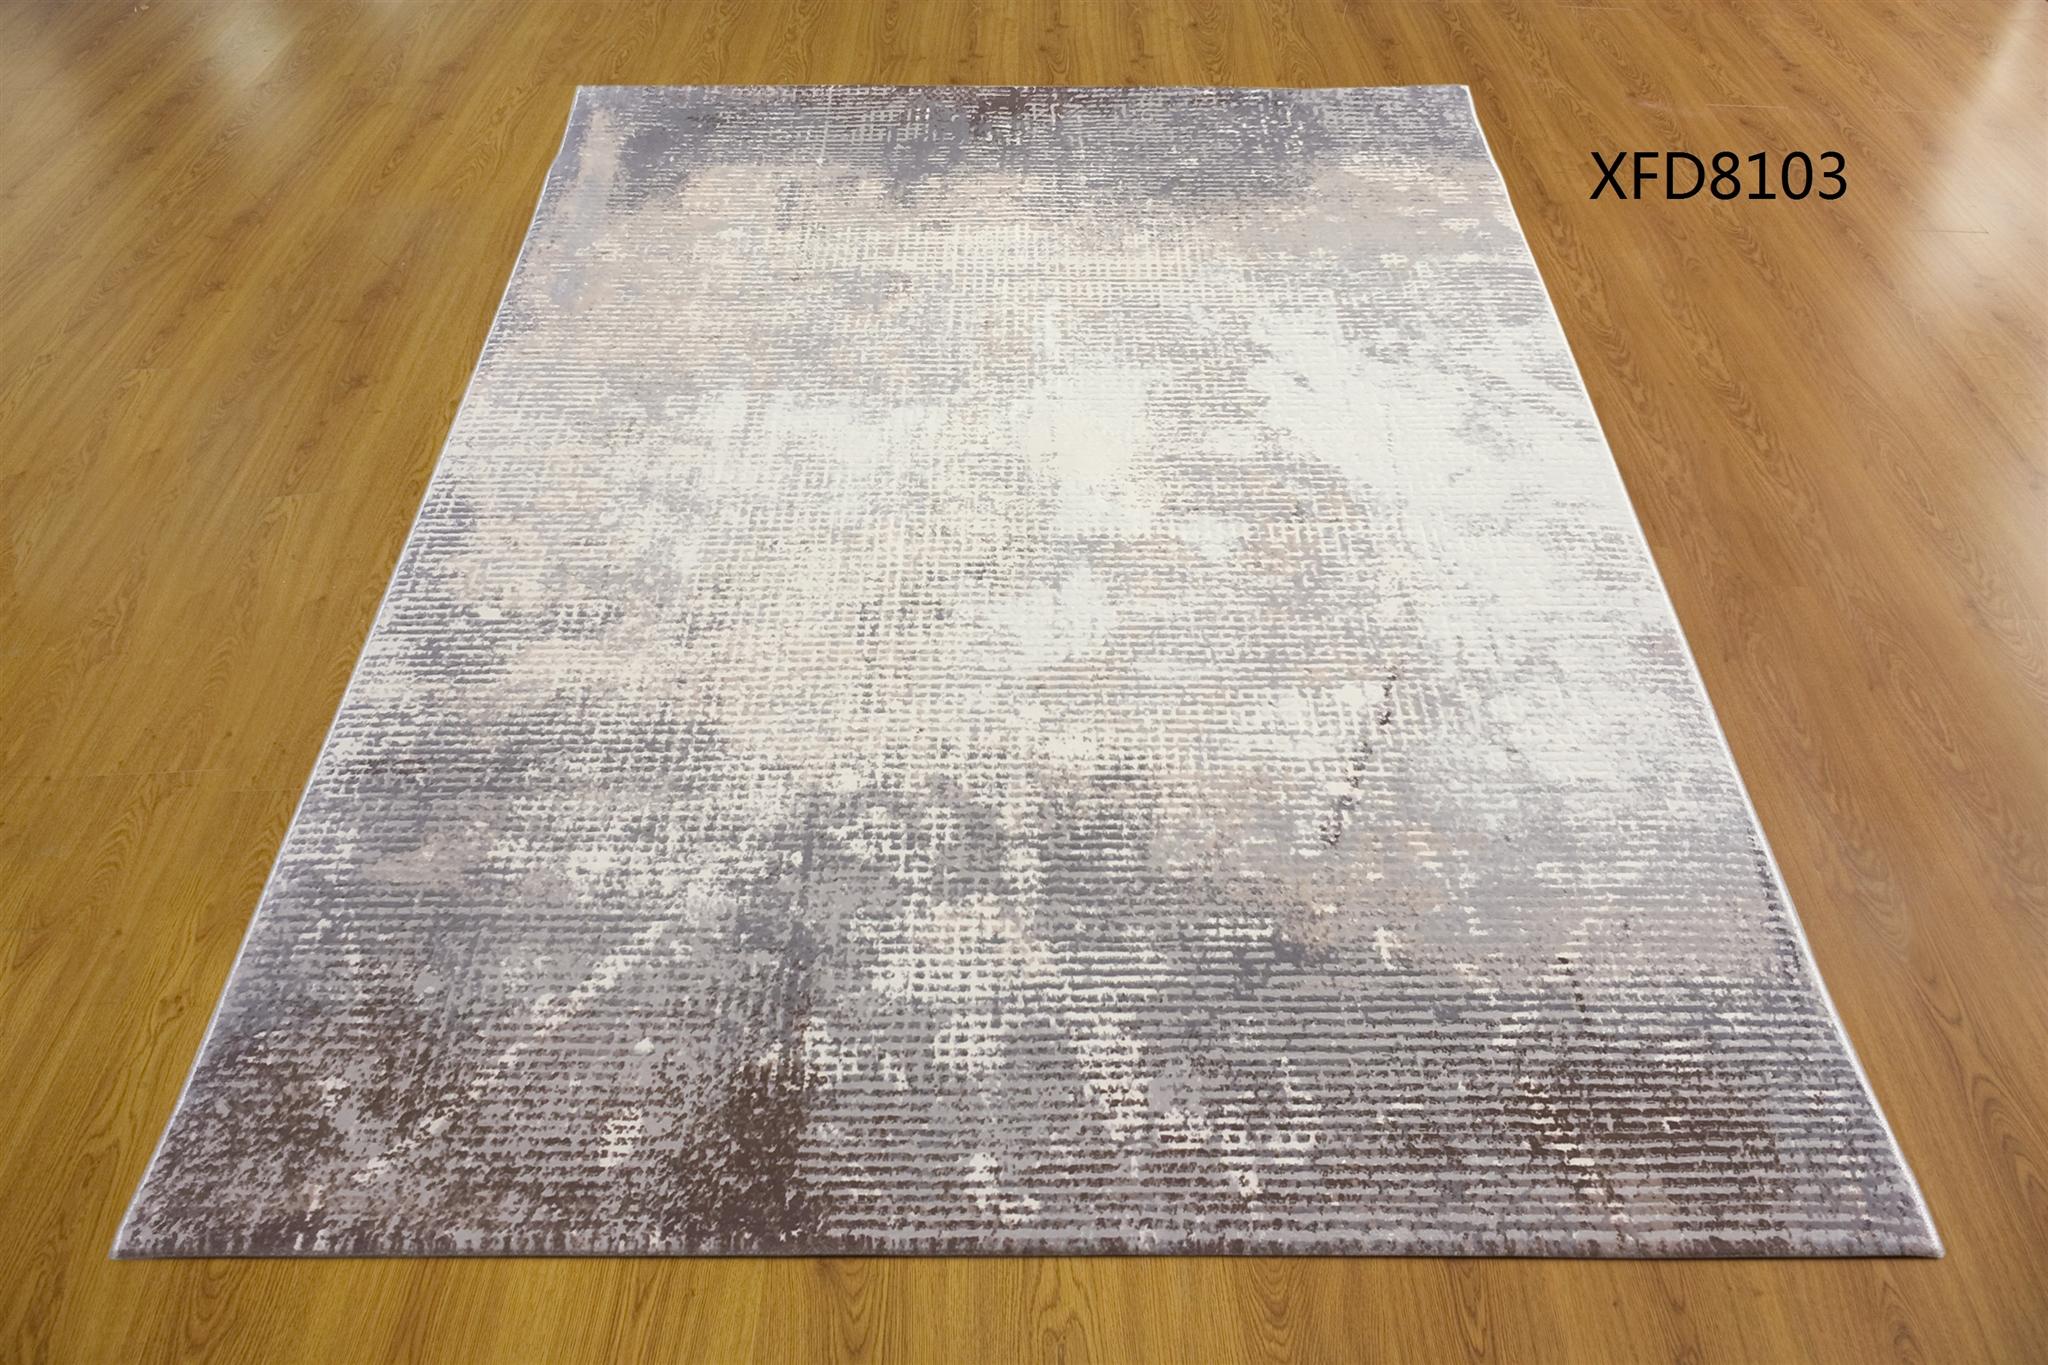 Thảm tấm trải sàn Kaili New Vandak XFD8103